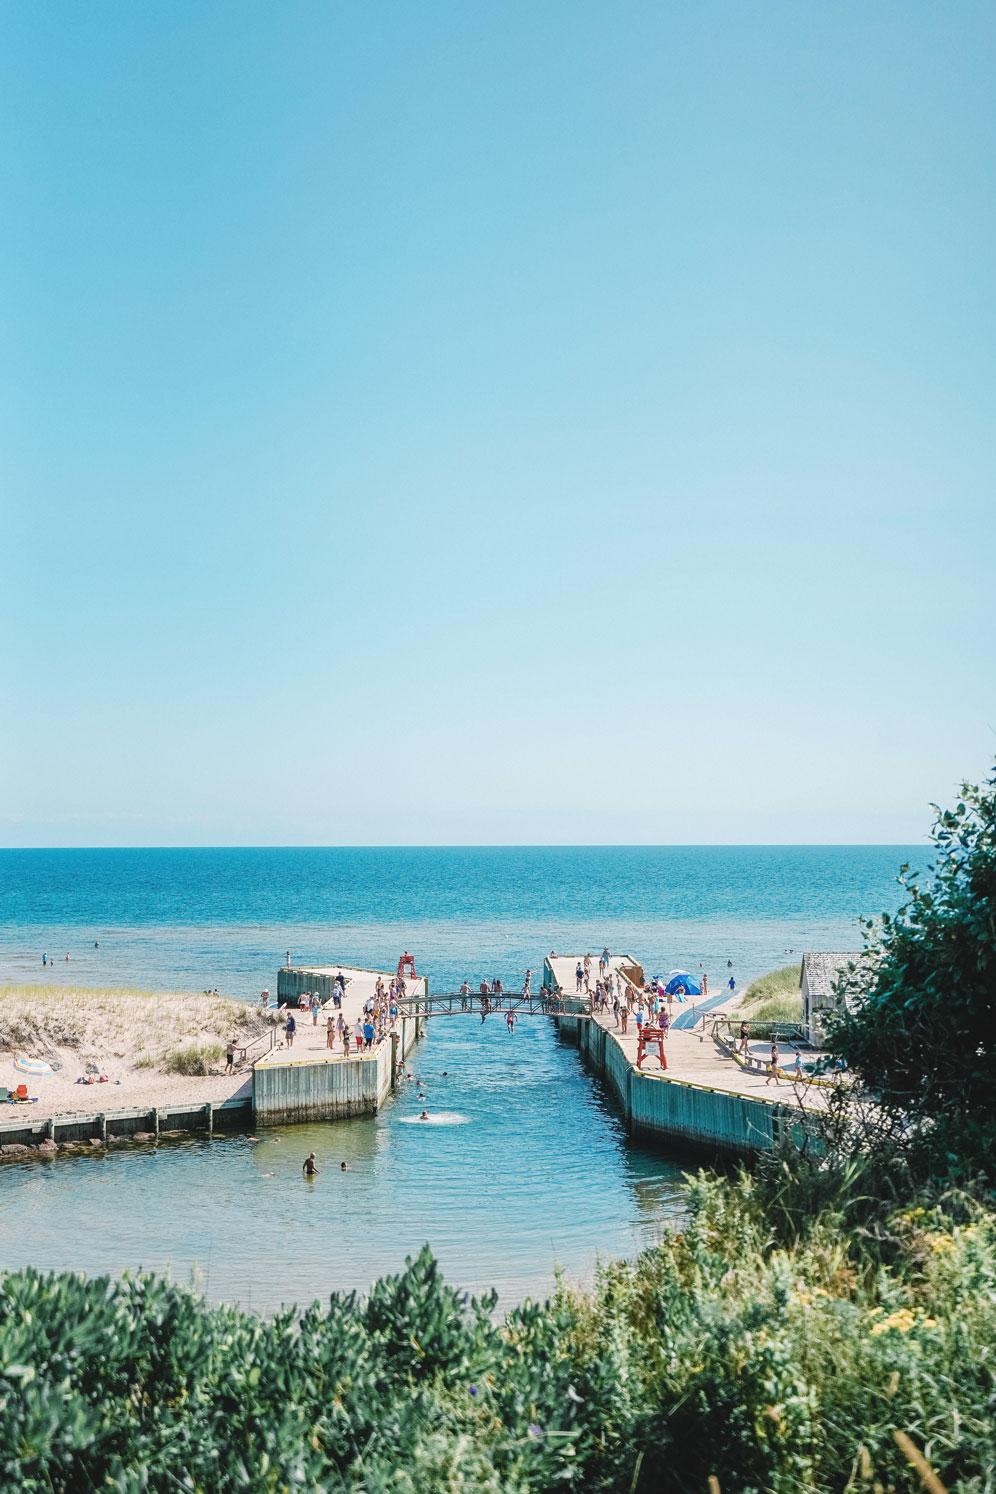 Best beaches in PEI